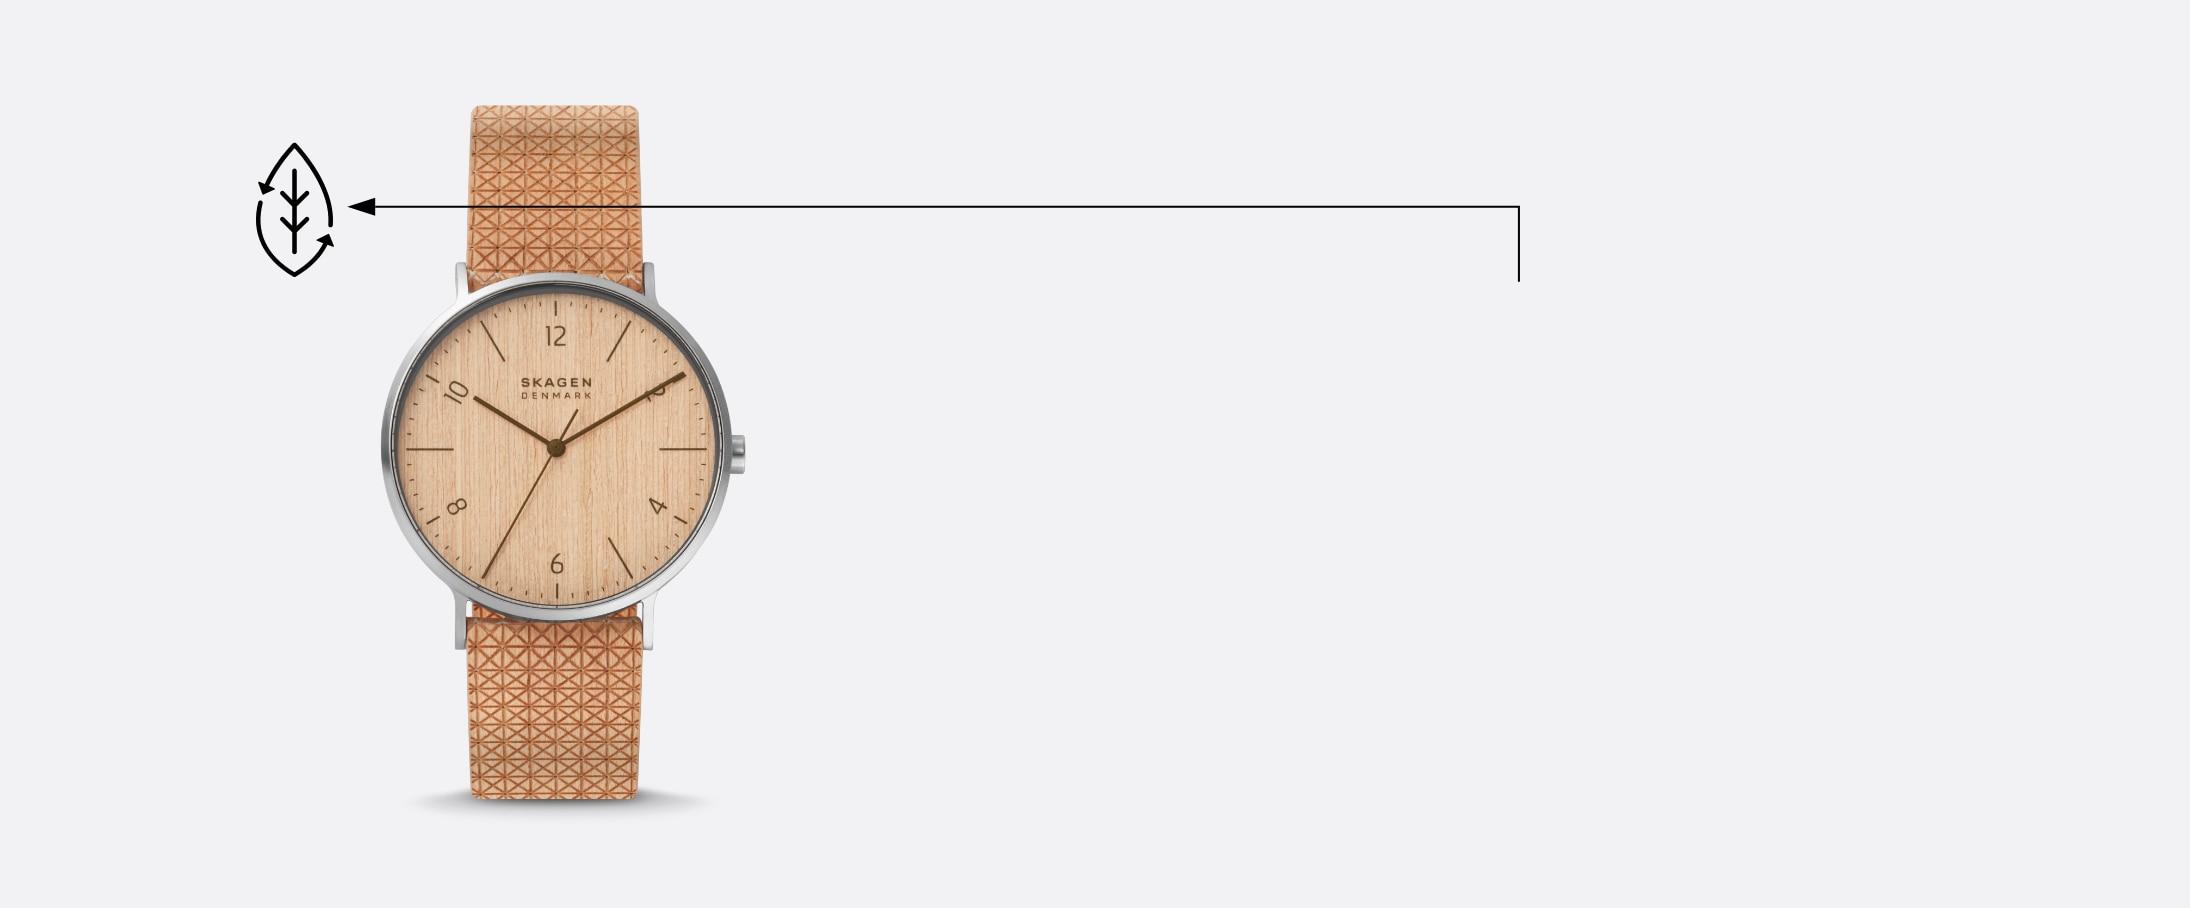 Image of Aaren Naturals wood veneer watch.